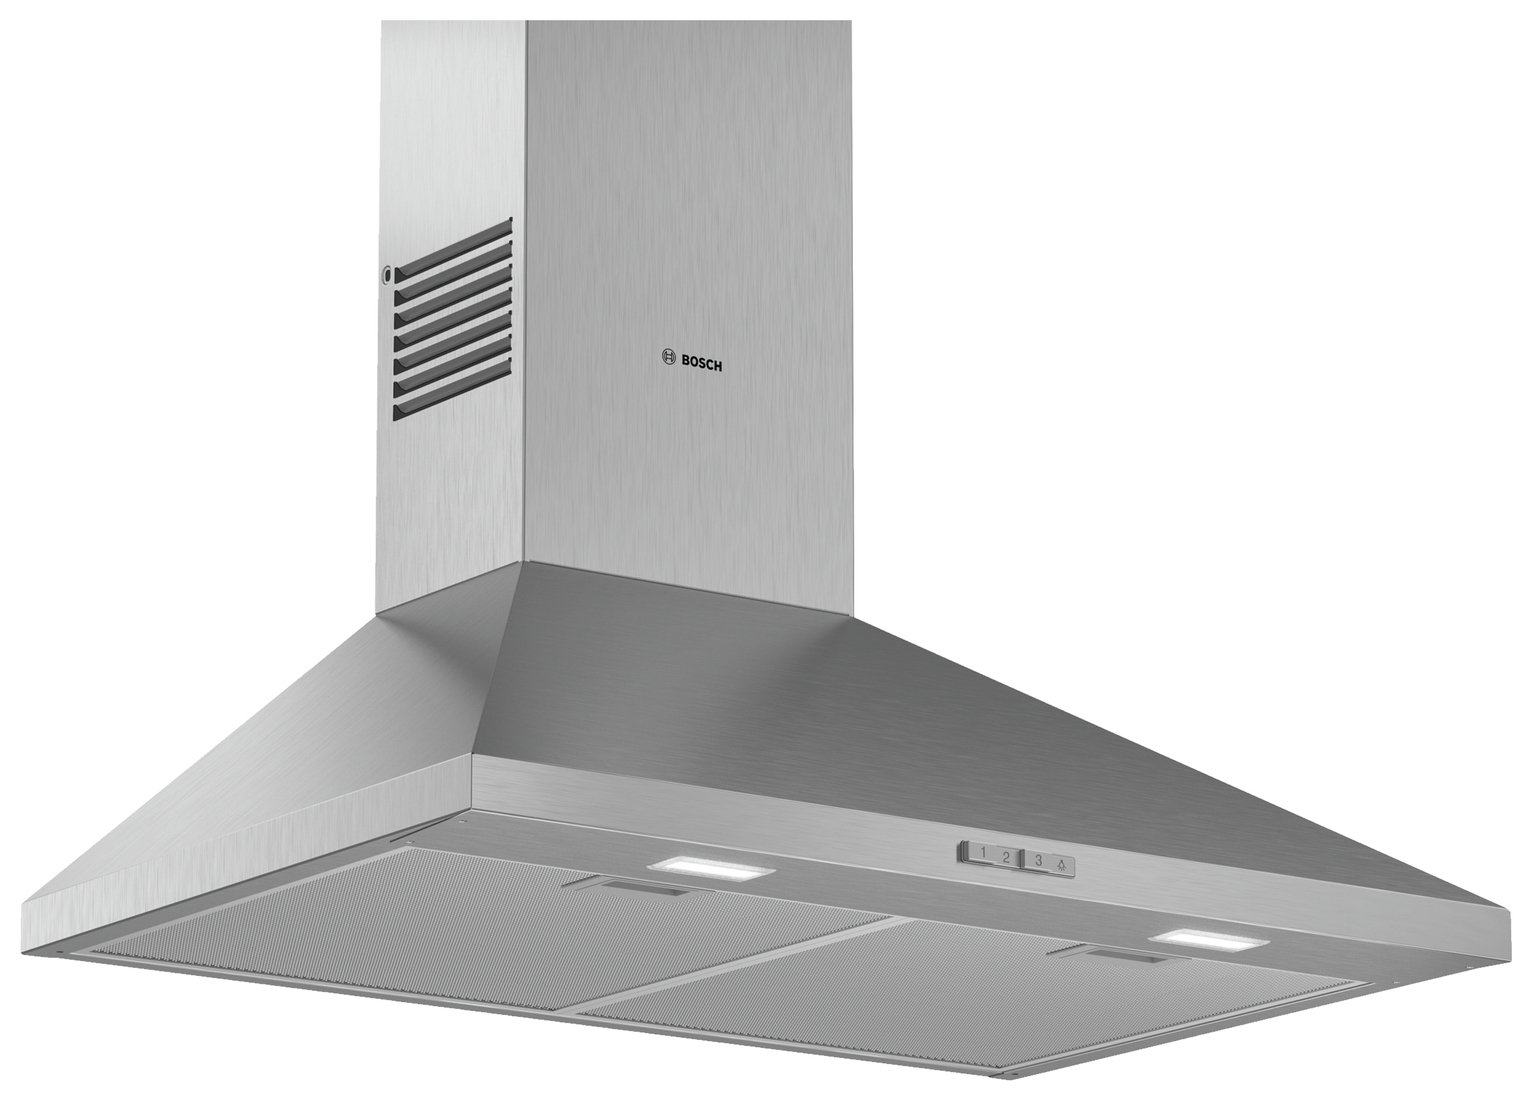 Bosch DWP74BC50B 70cm Cooker Hood review